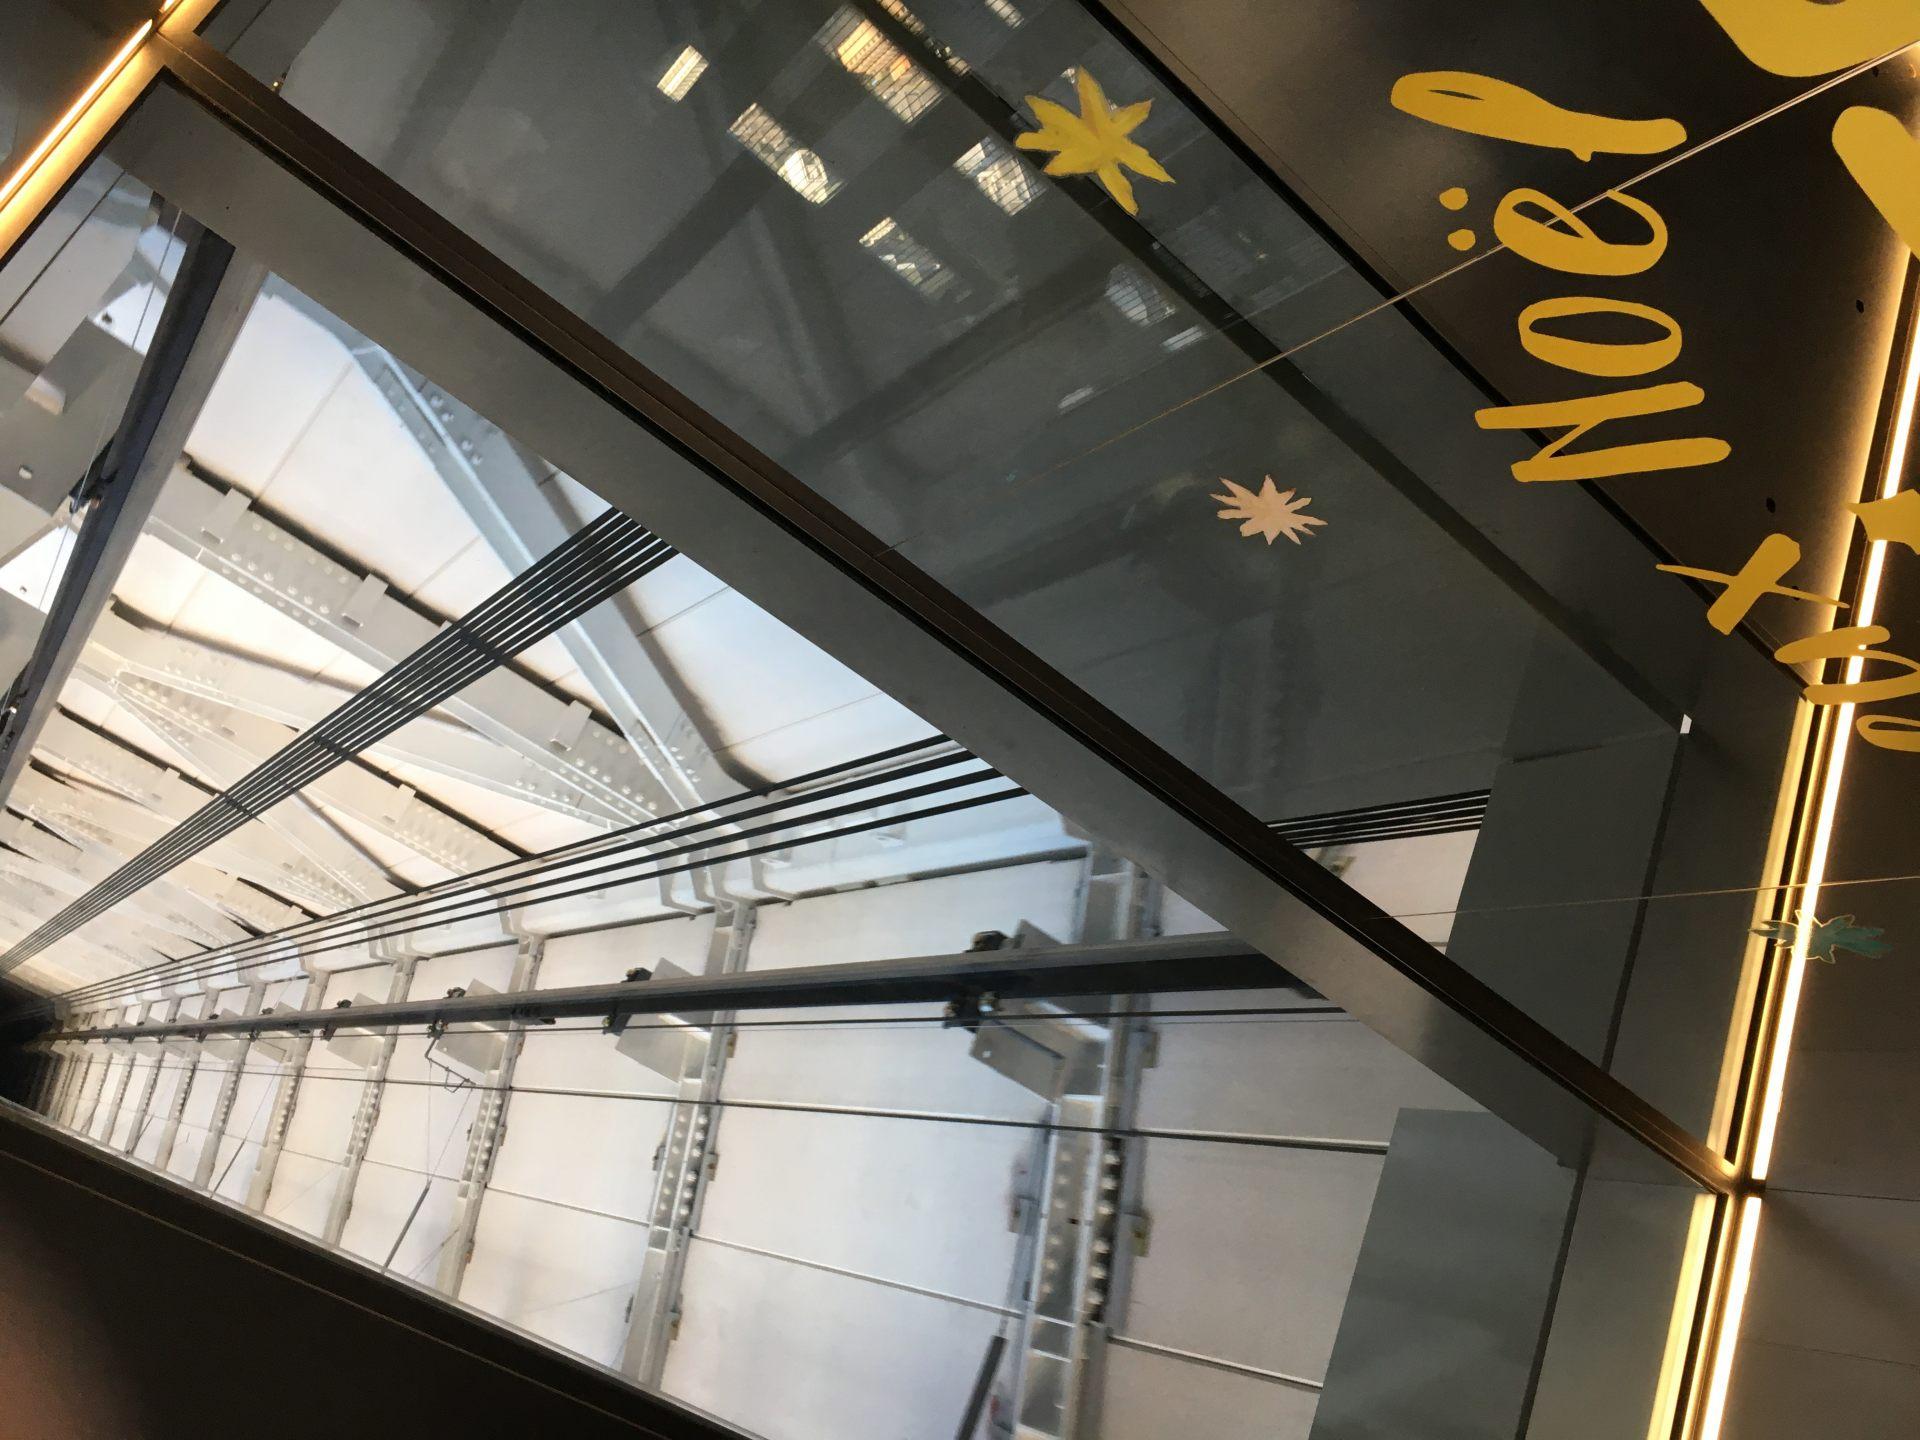 穿梭电梯的天窗